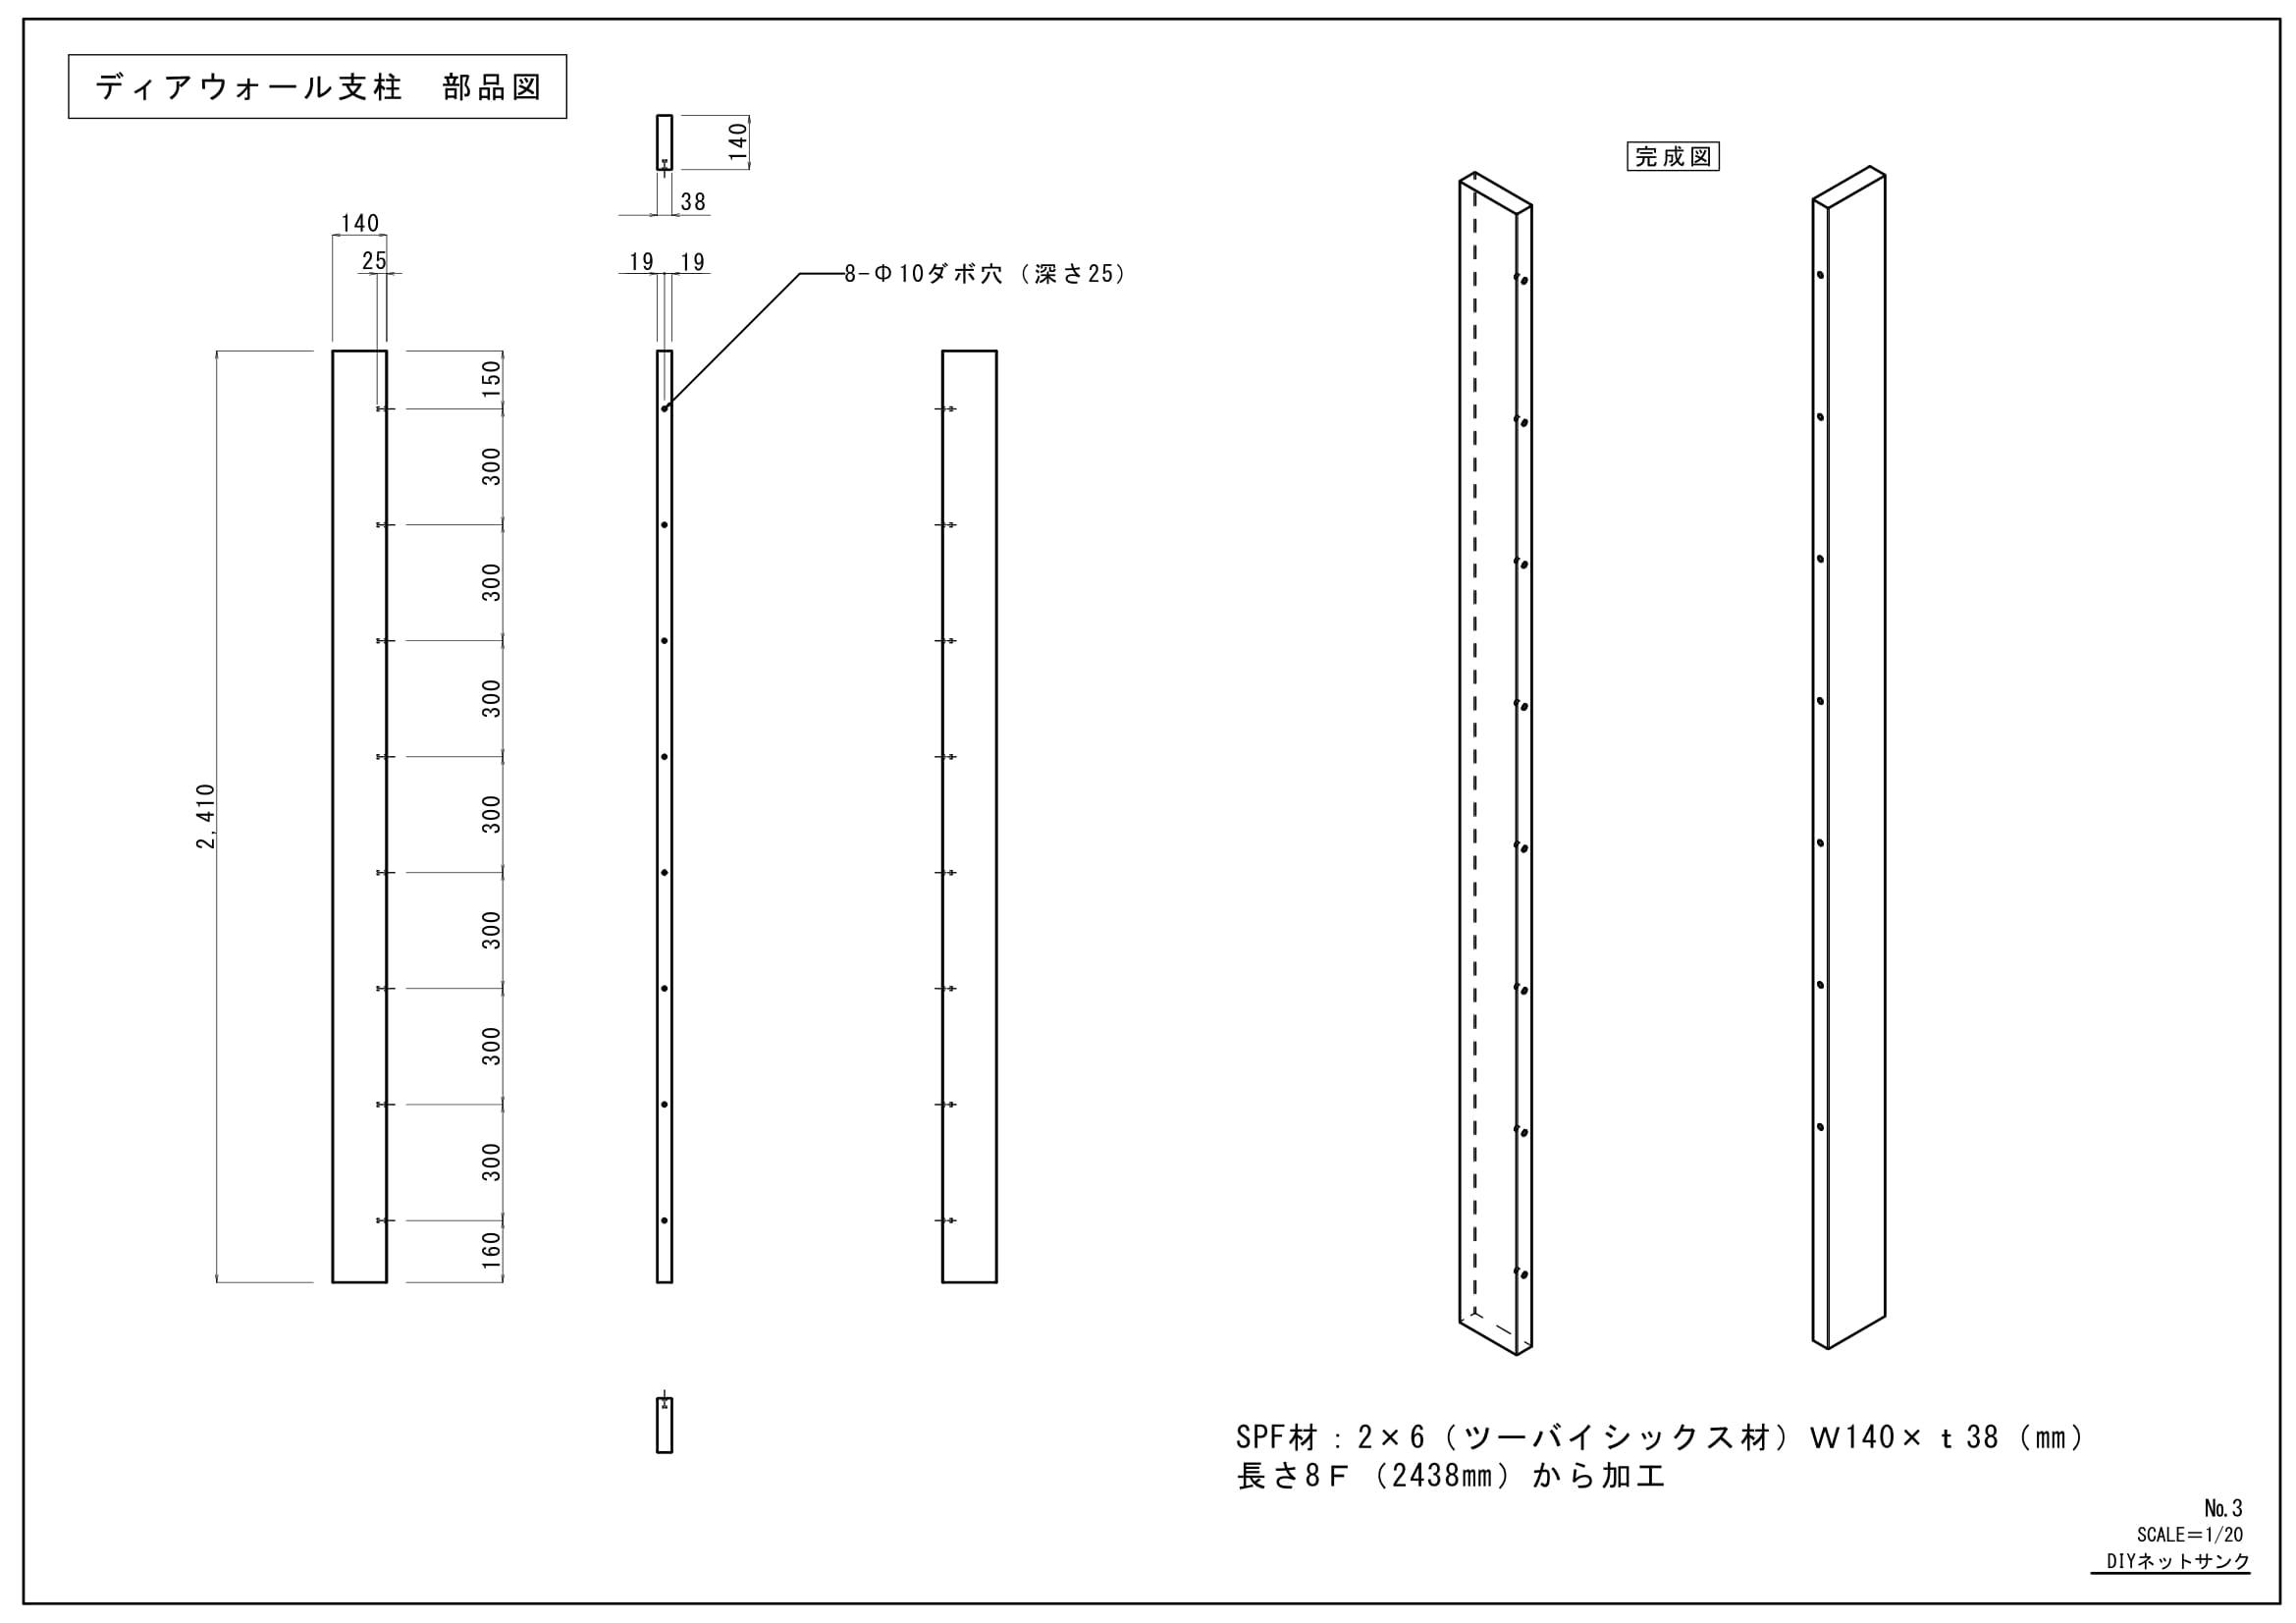 №3 ディアウォール本棚図面 支柱部品図